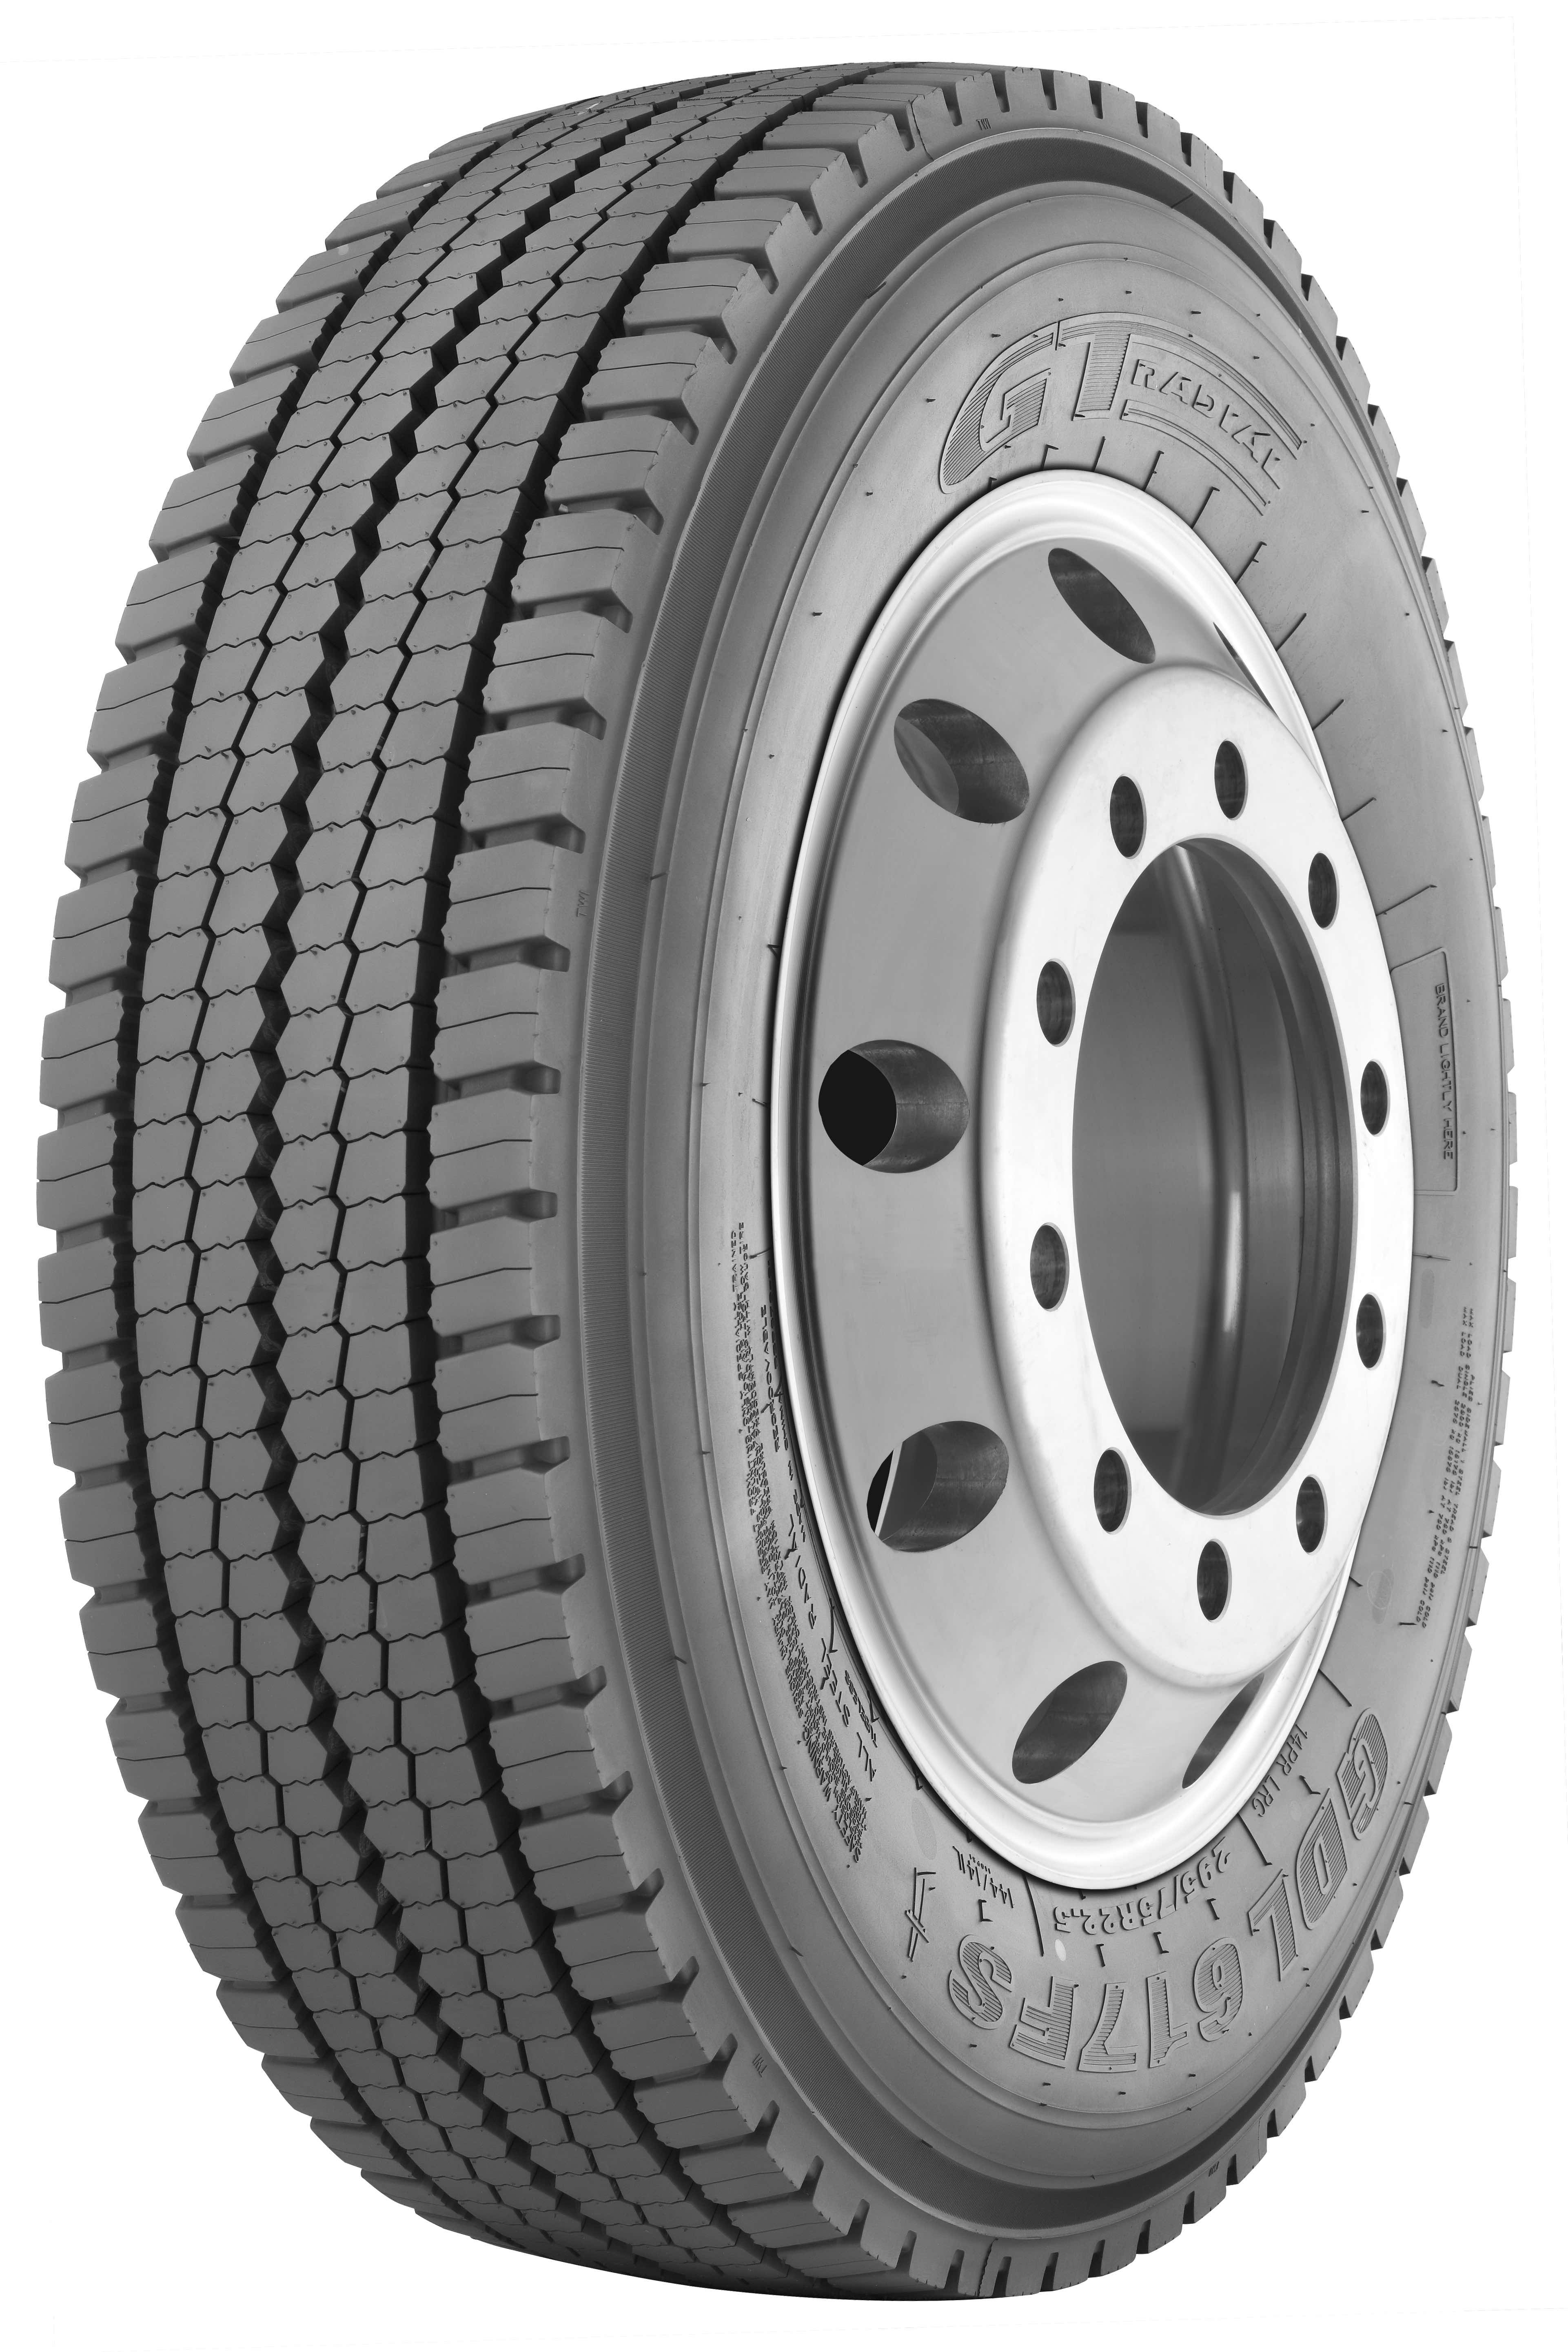 Giti s drive tire